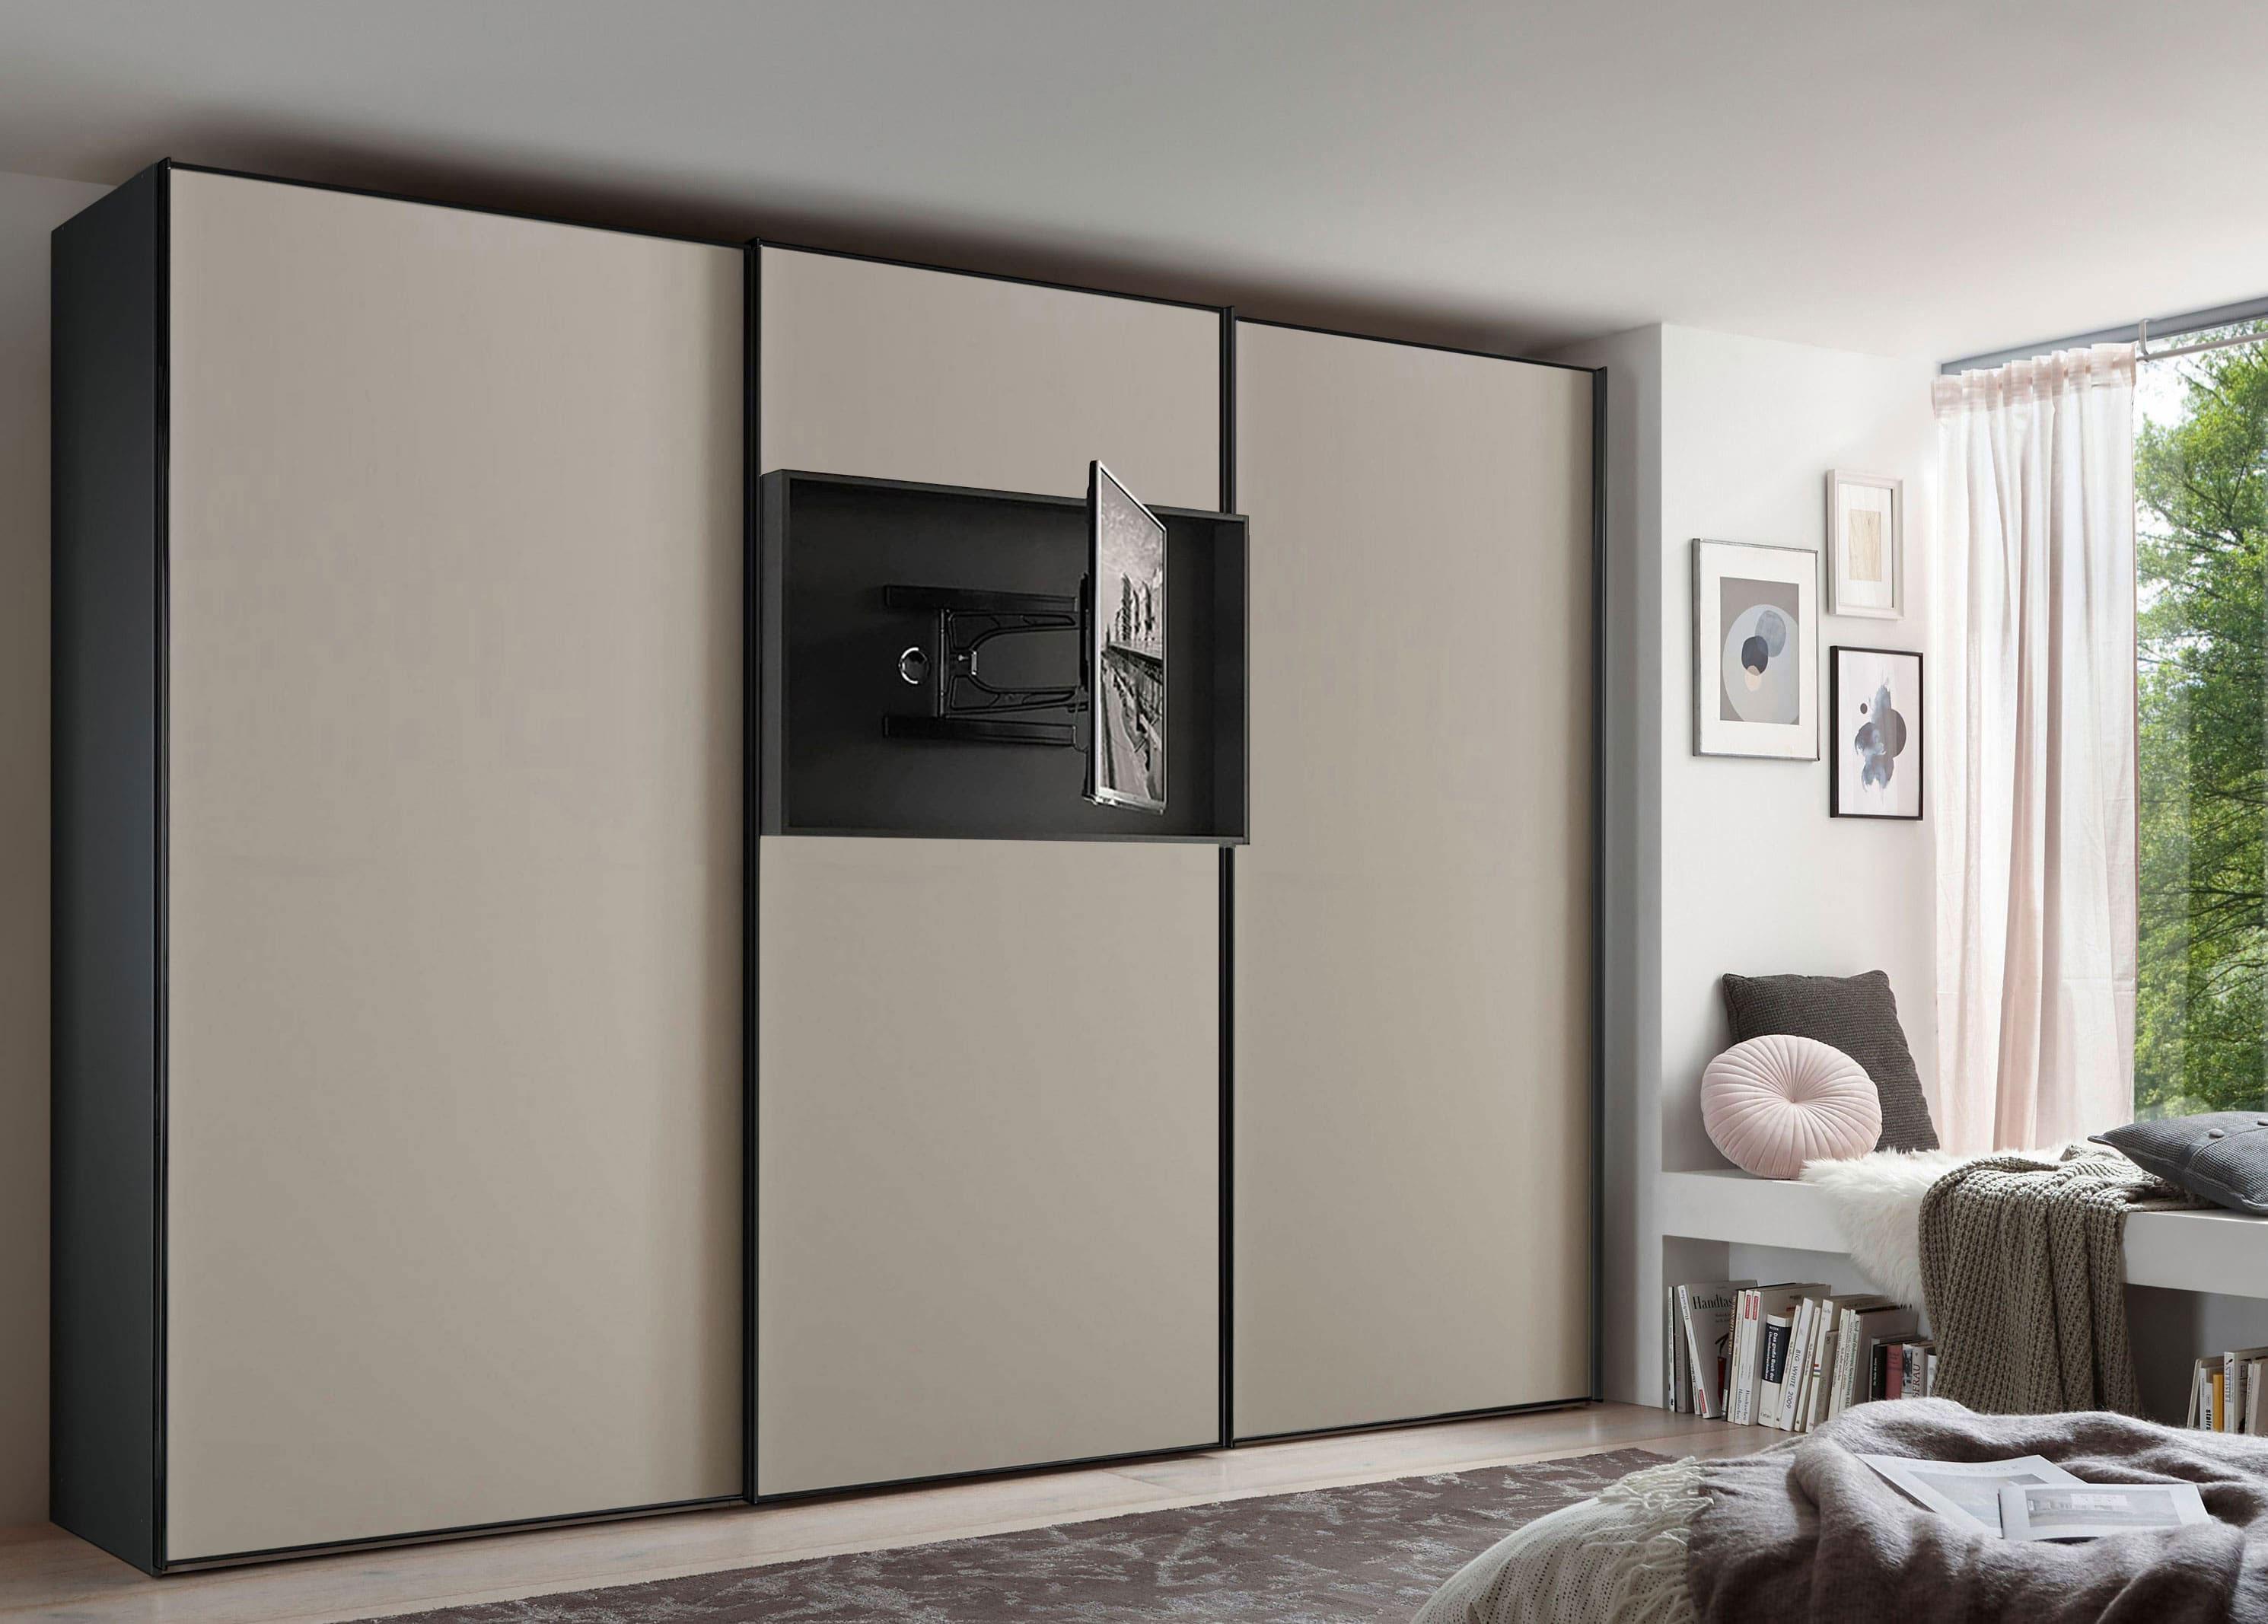 Staud Media Flat Kleiderschrank mit TV Fach Mattglas